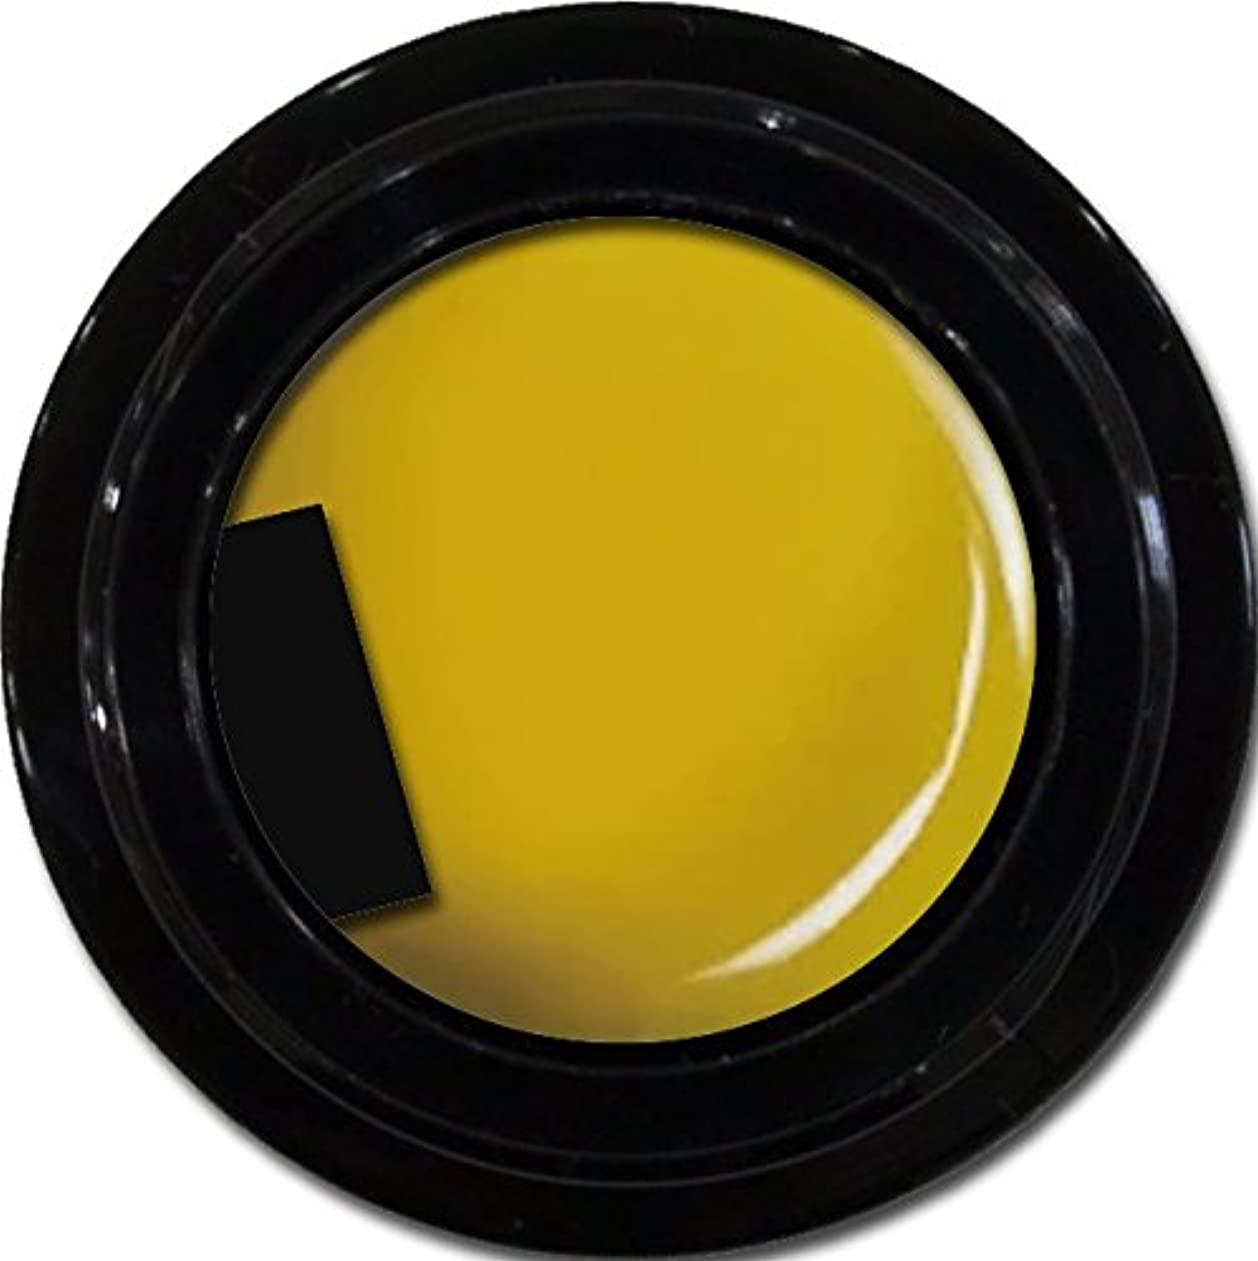 サークル運命的なポーターカラージェル enchant color gel M604 Mustard 3g/ マットカラージェル M604 マスタード 3グラム